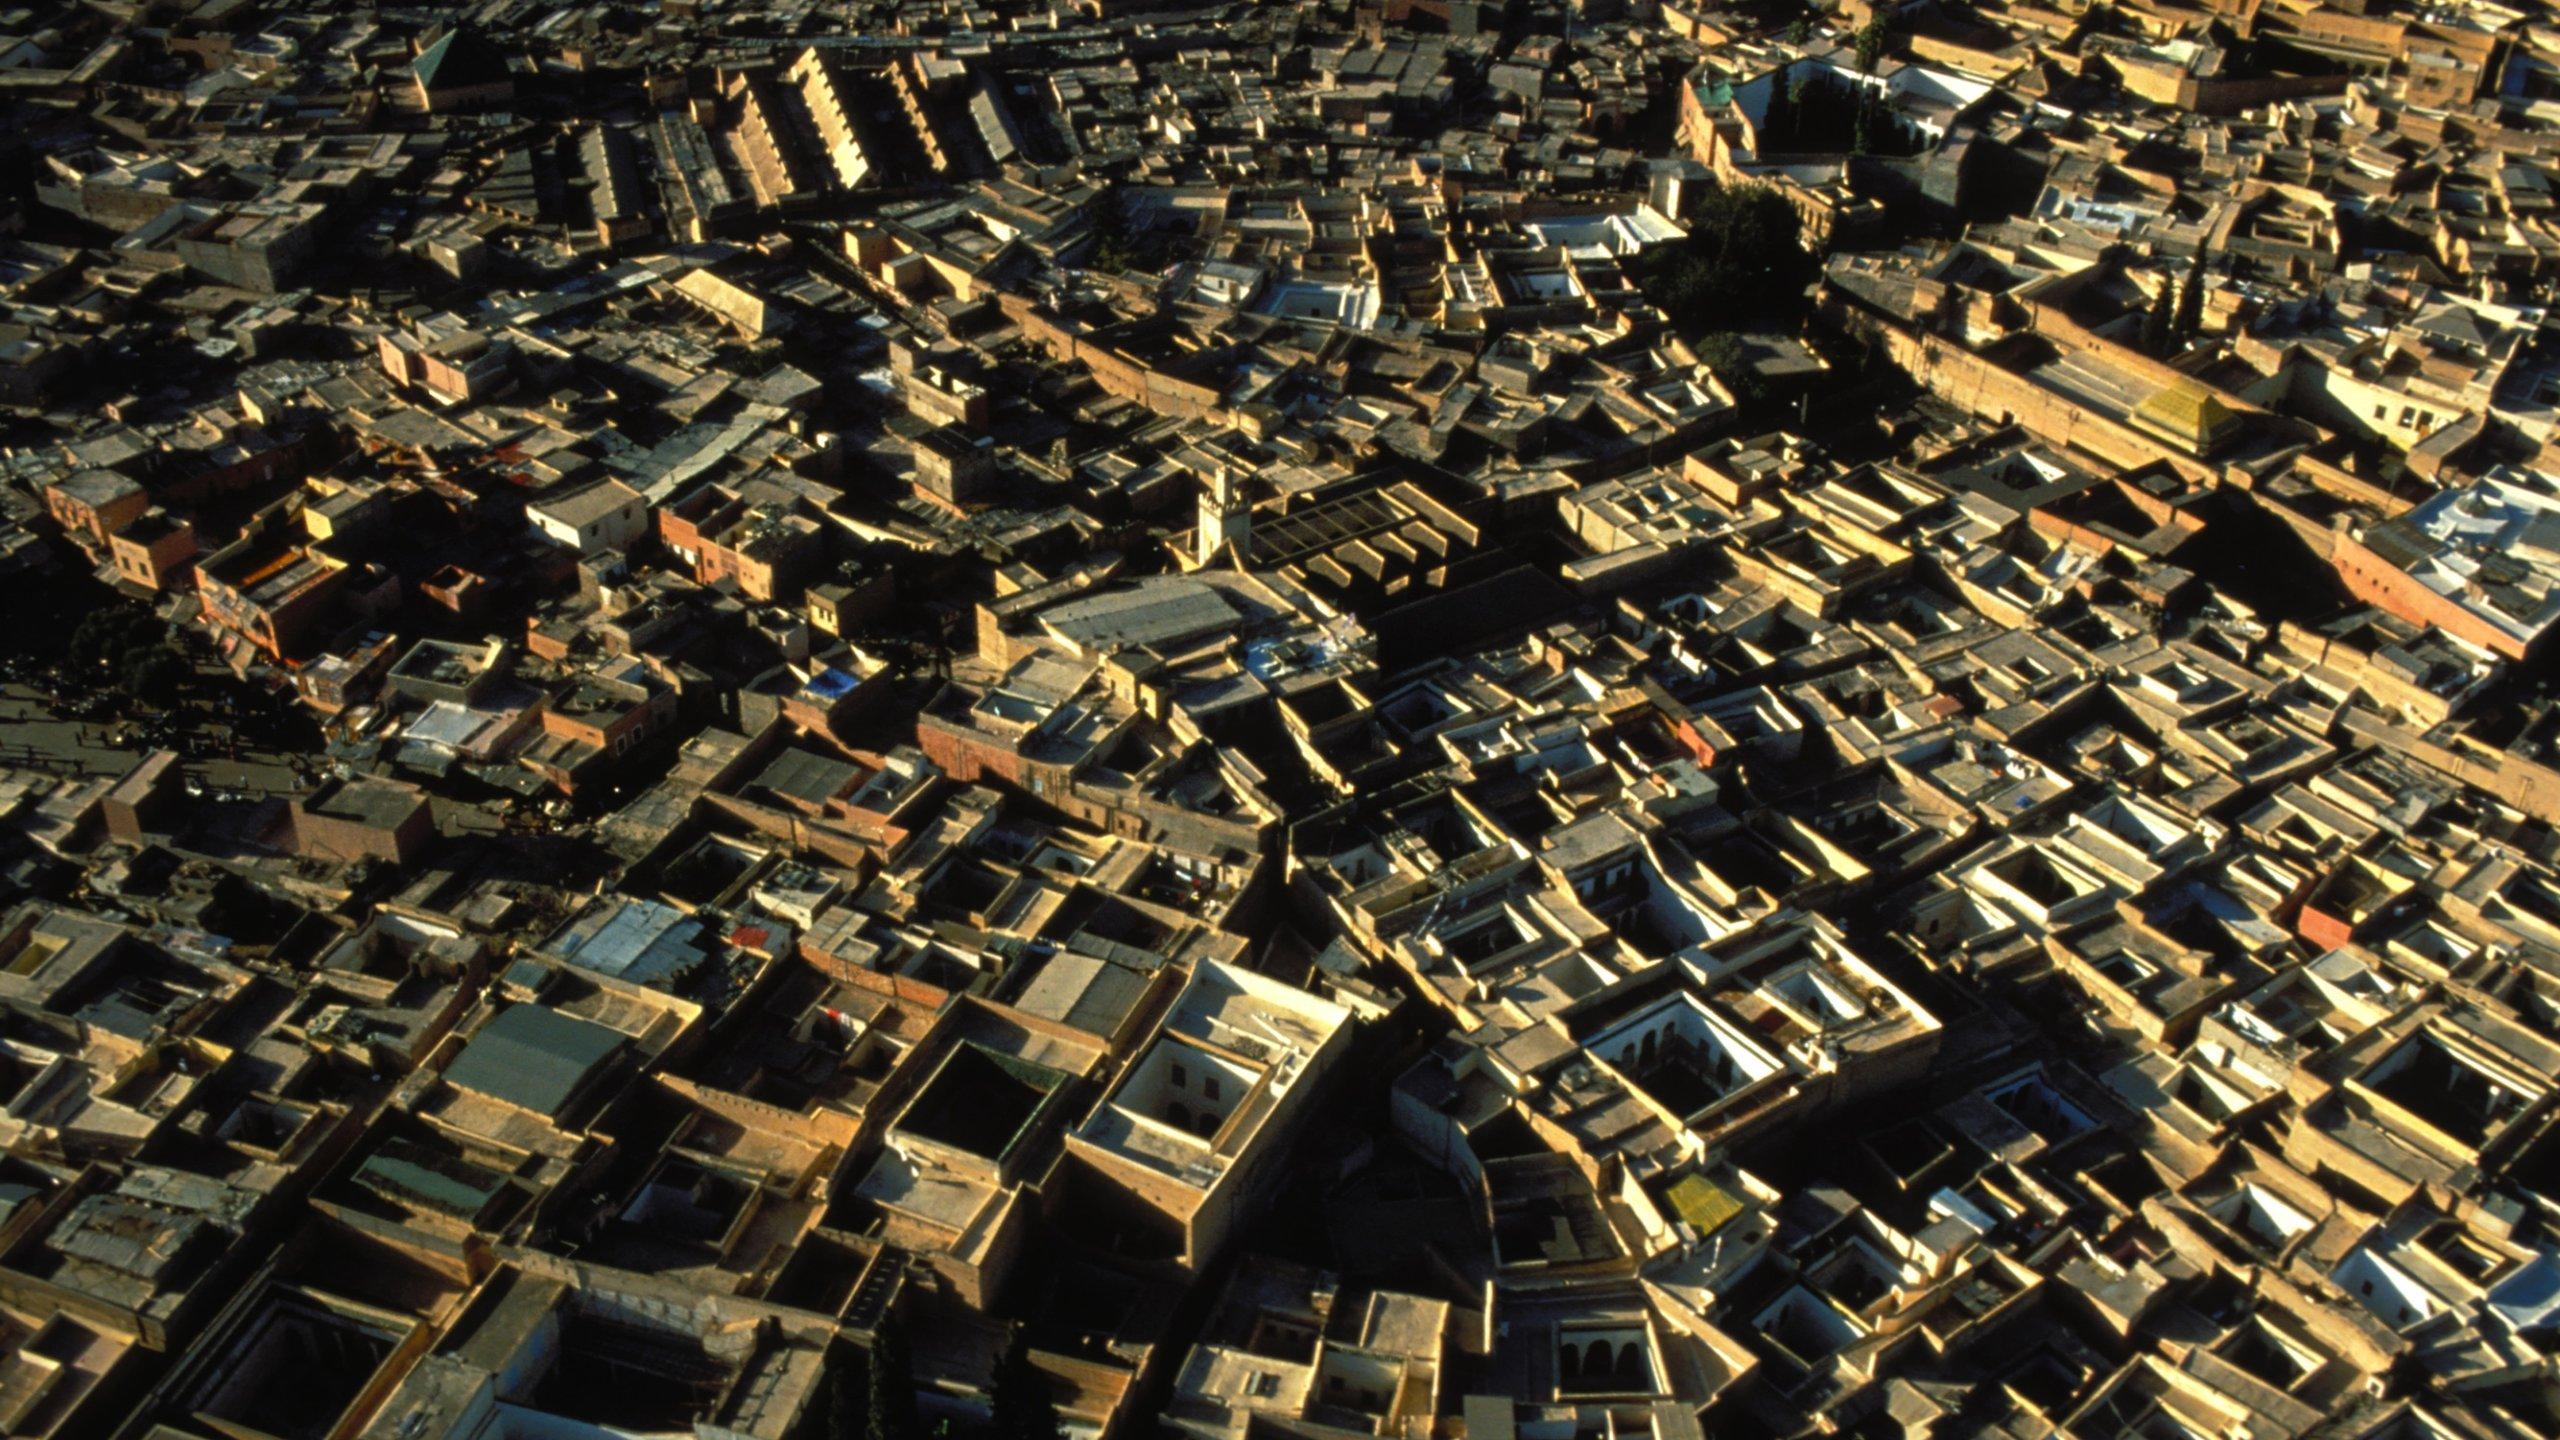 Marrakech-Safi, Morocco